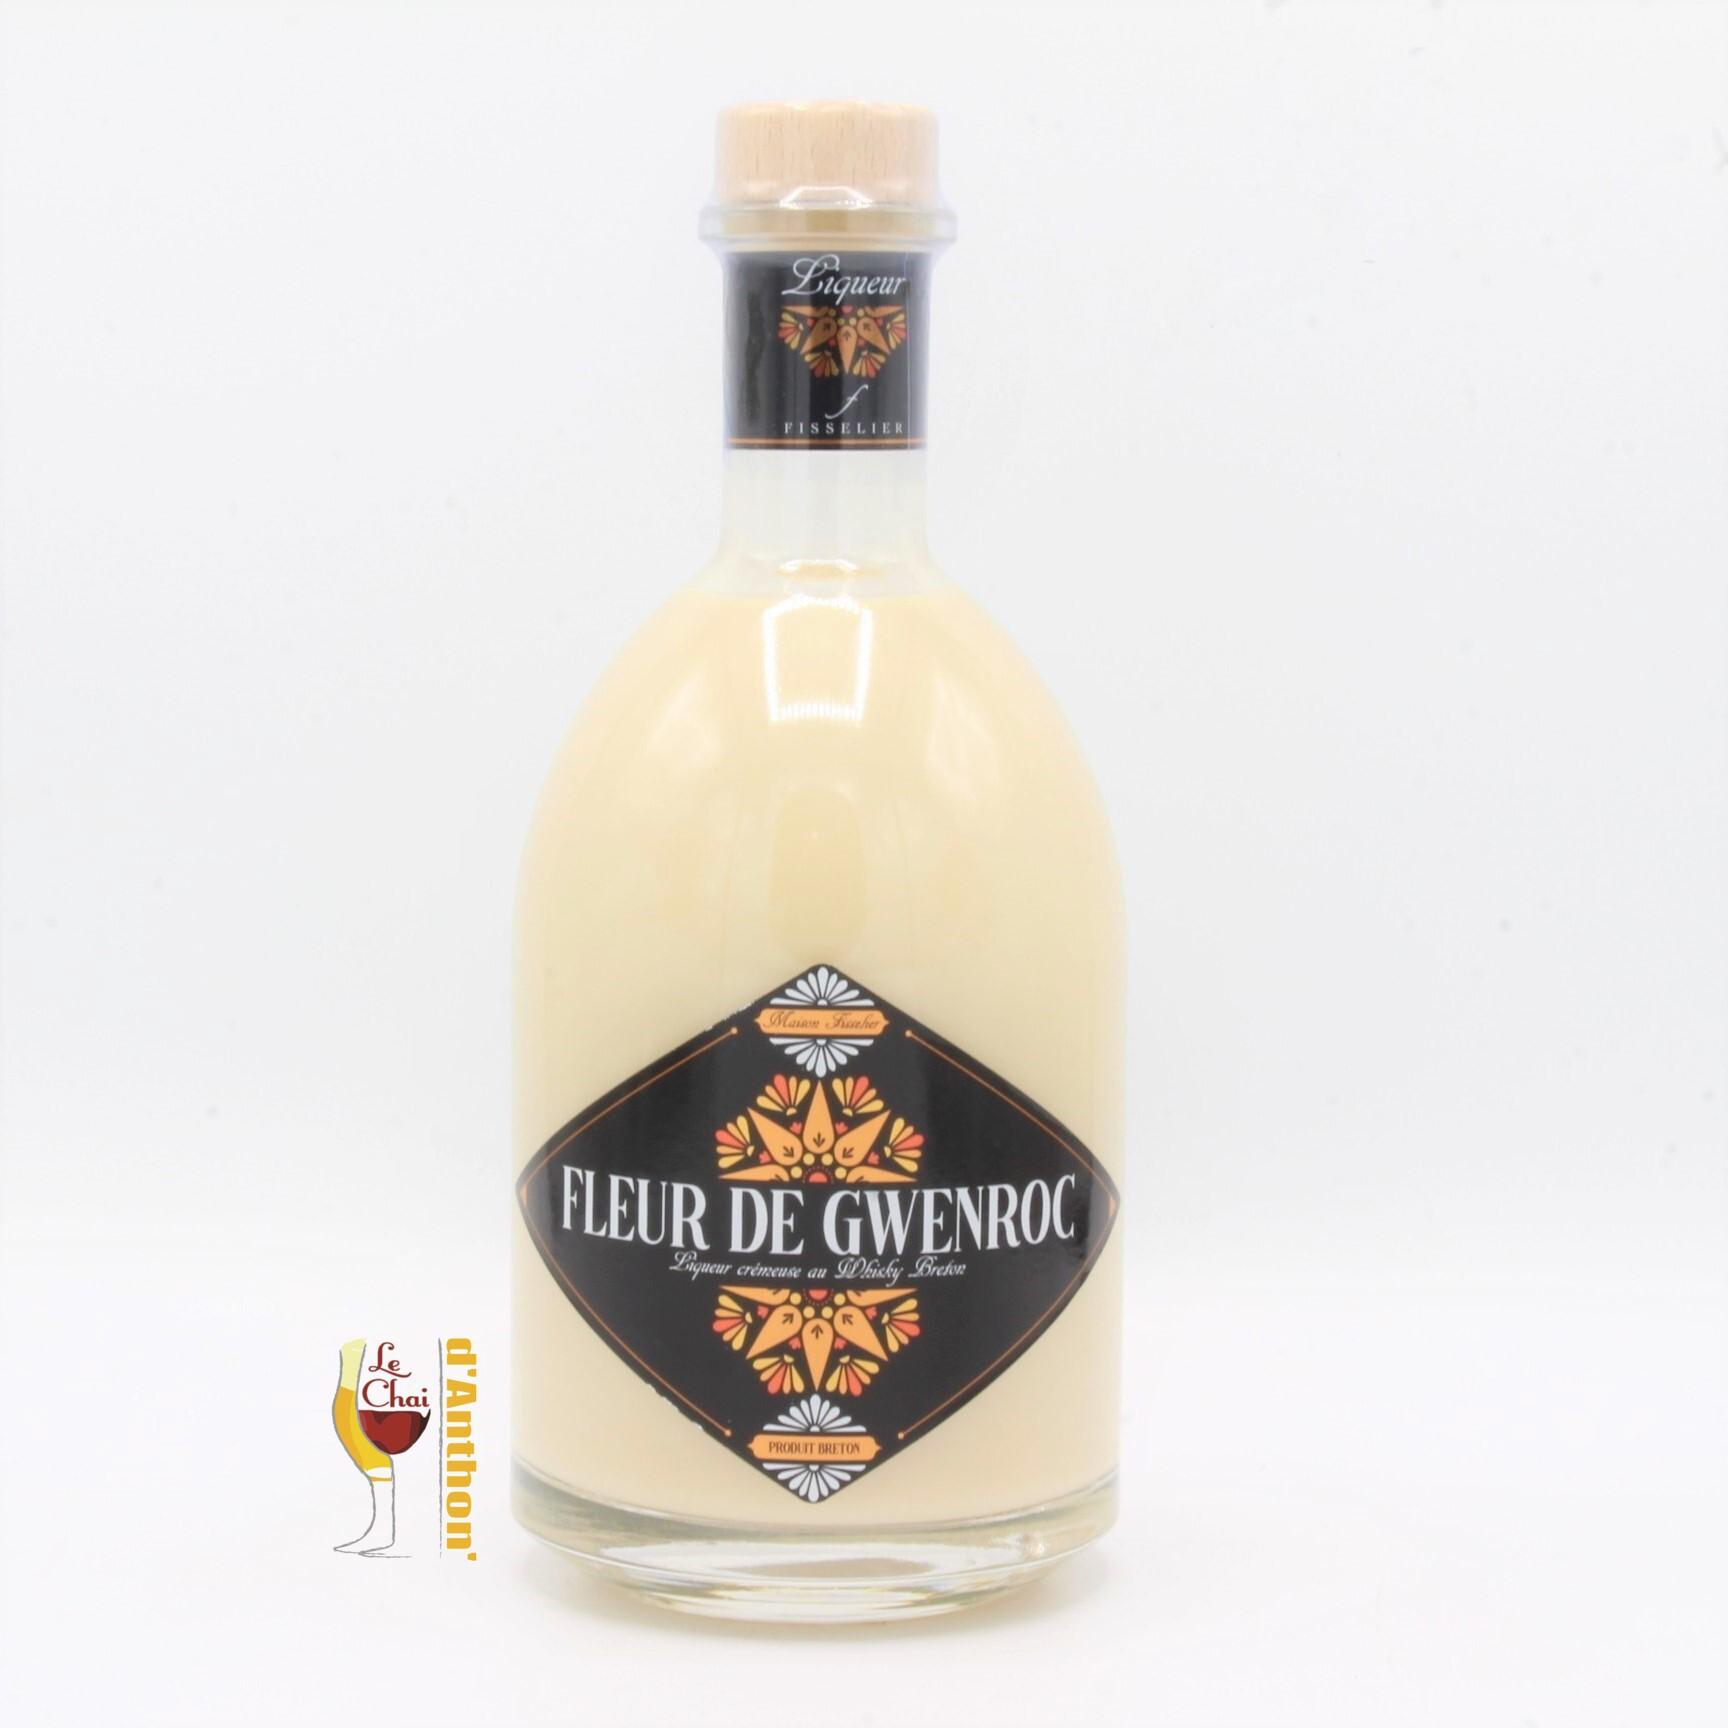 Creme Whisky Breton Fleur De Gwenroc Fisselier 70cl